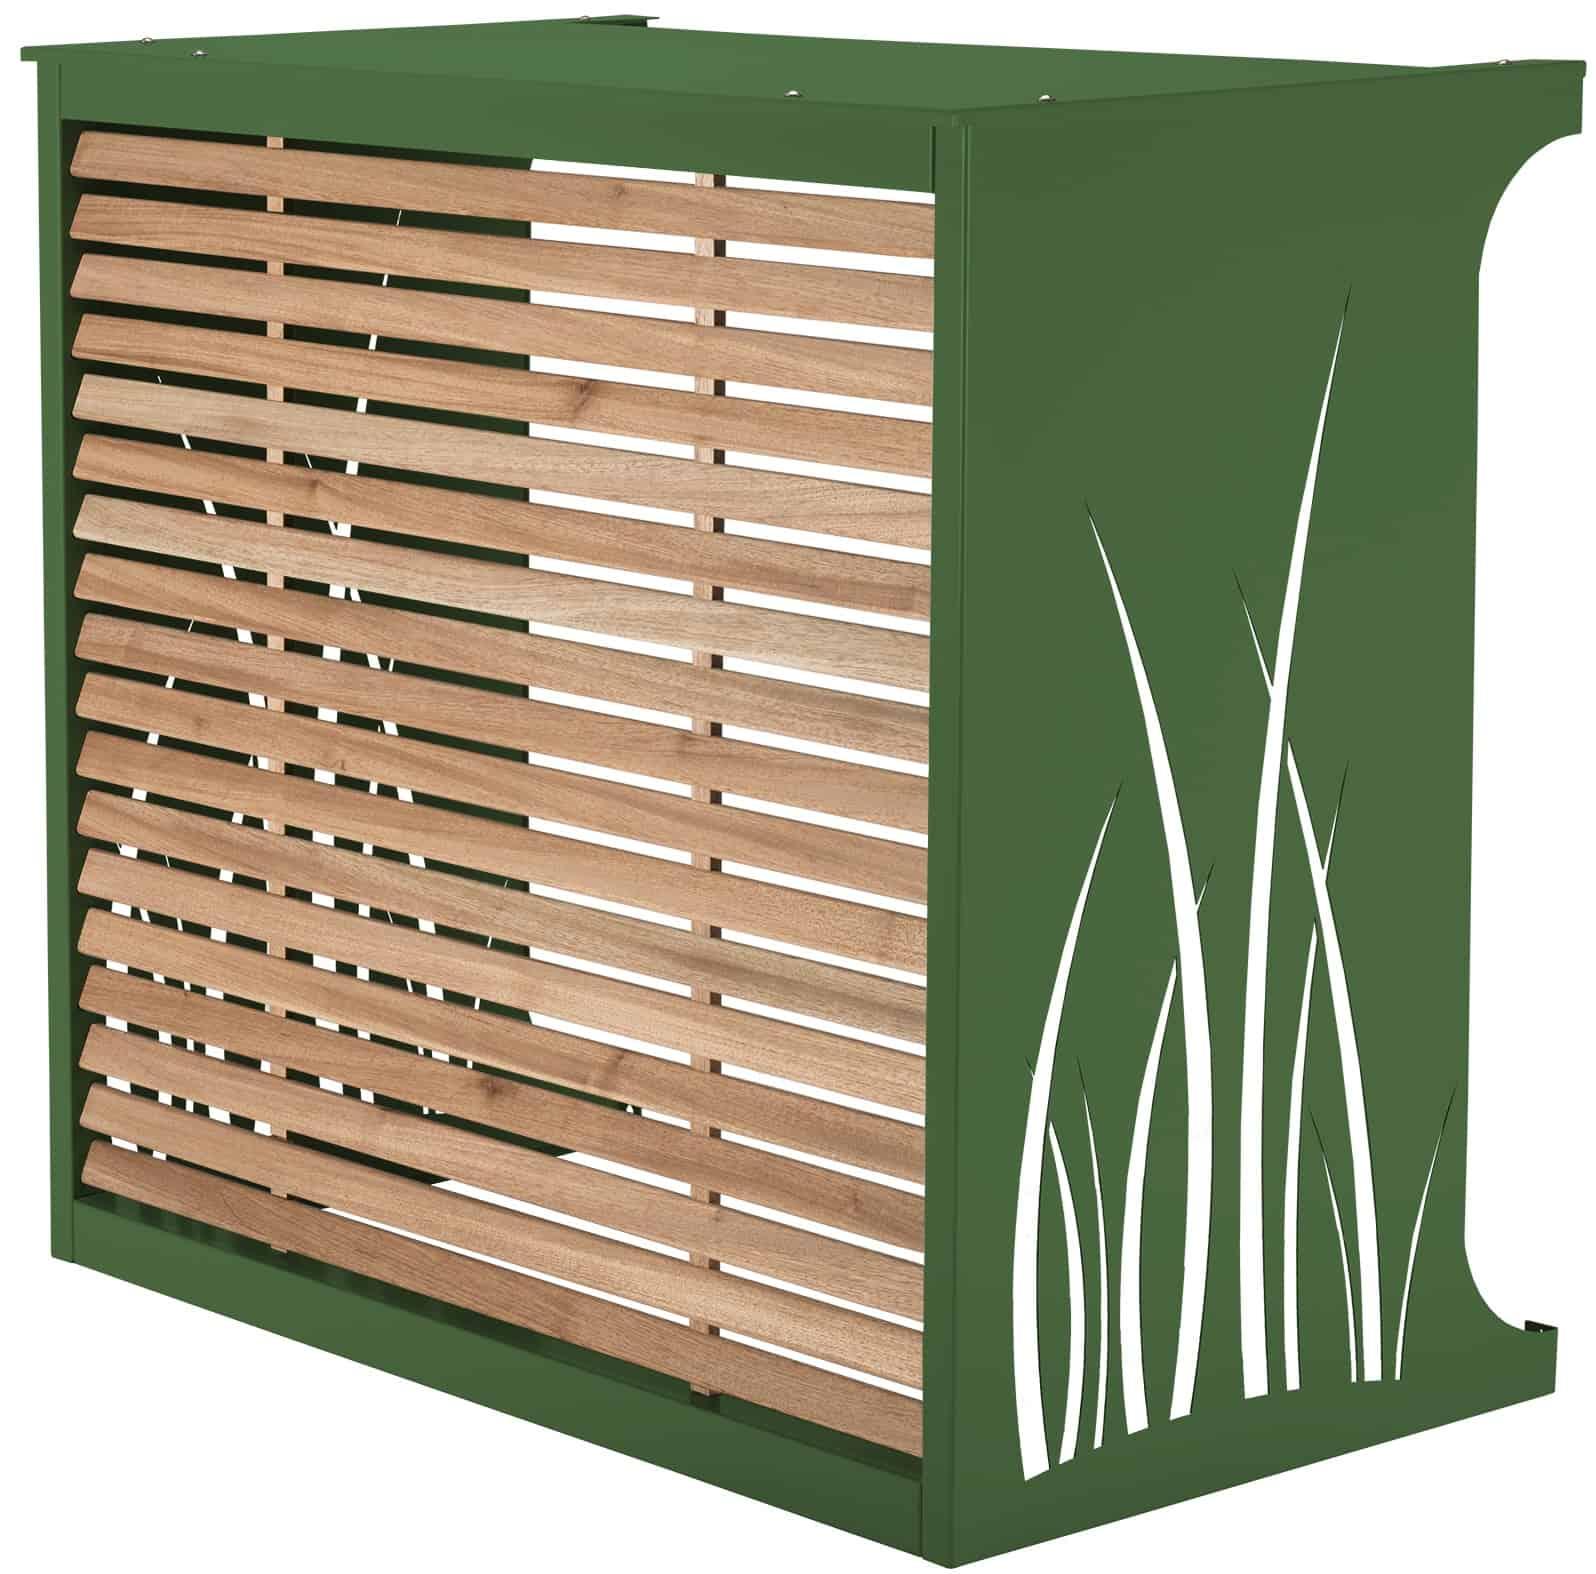 cache clim air3d cachez vos climatiseurs avec l gance. Black Bedroom Furniture Sets. Home Design Ideas